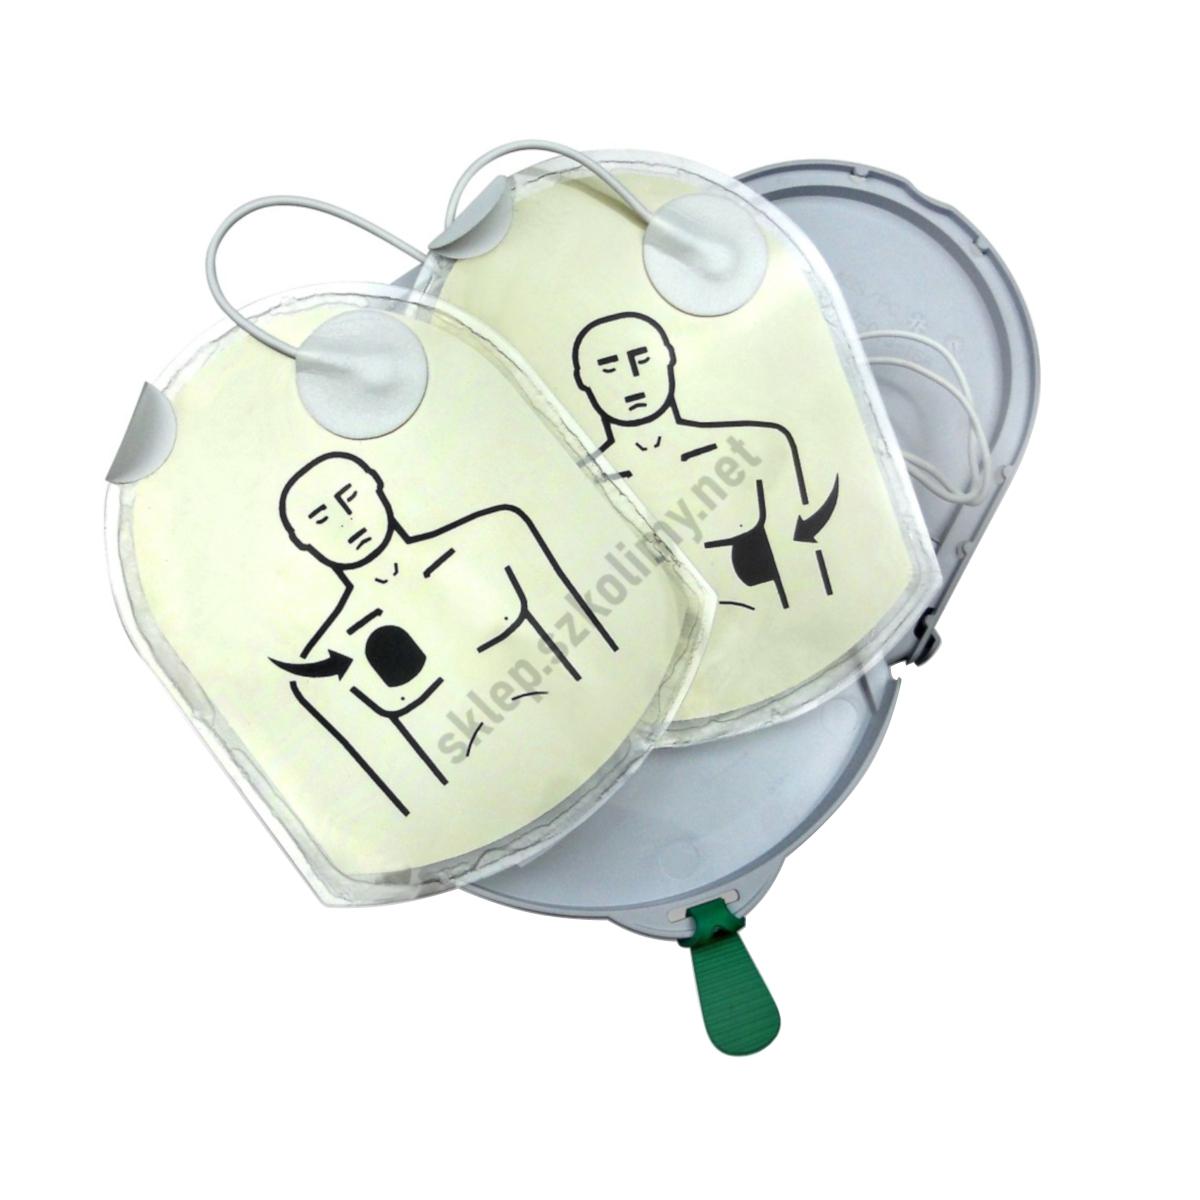 Elektrody-bateria PAD-PAK do Samaritan PAD dla dorosłych